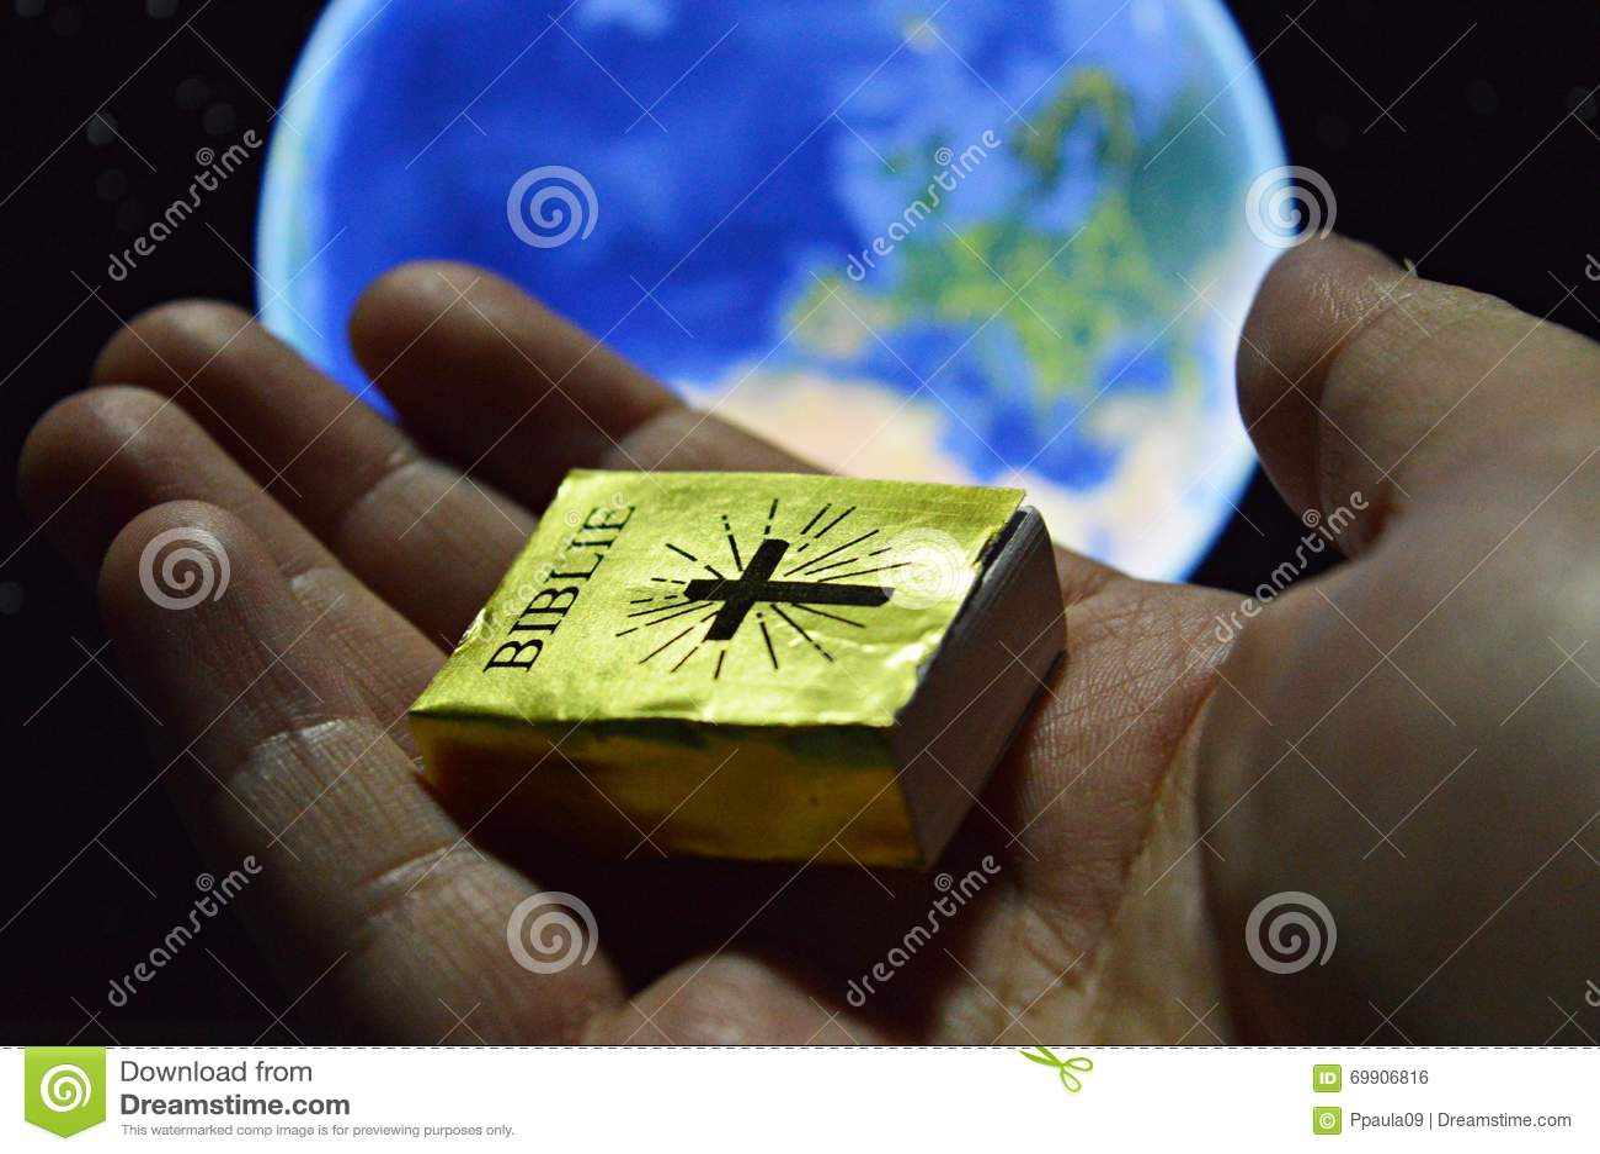 Das Geschenk für Menschlichkeit - heilige Wörter